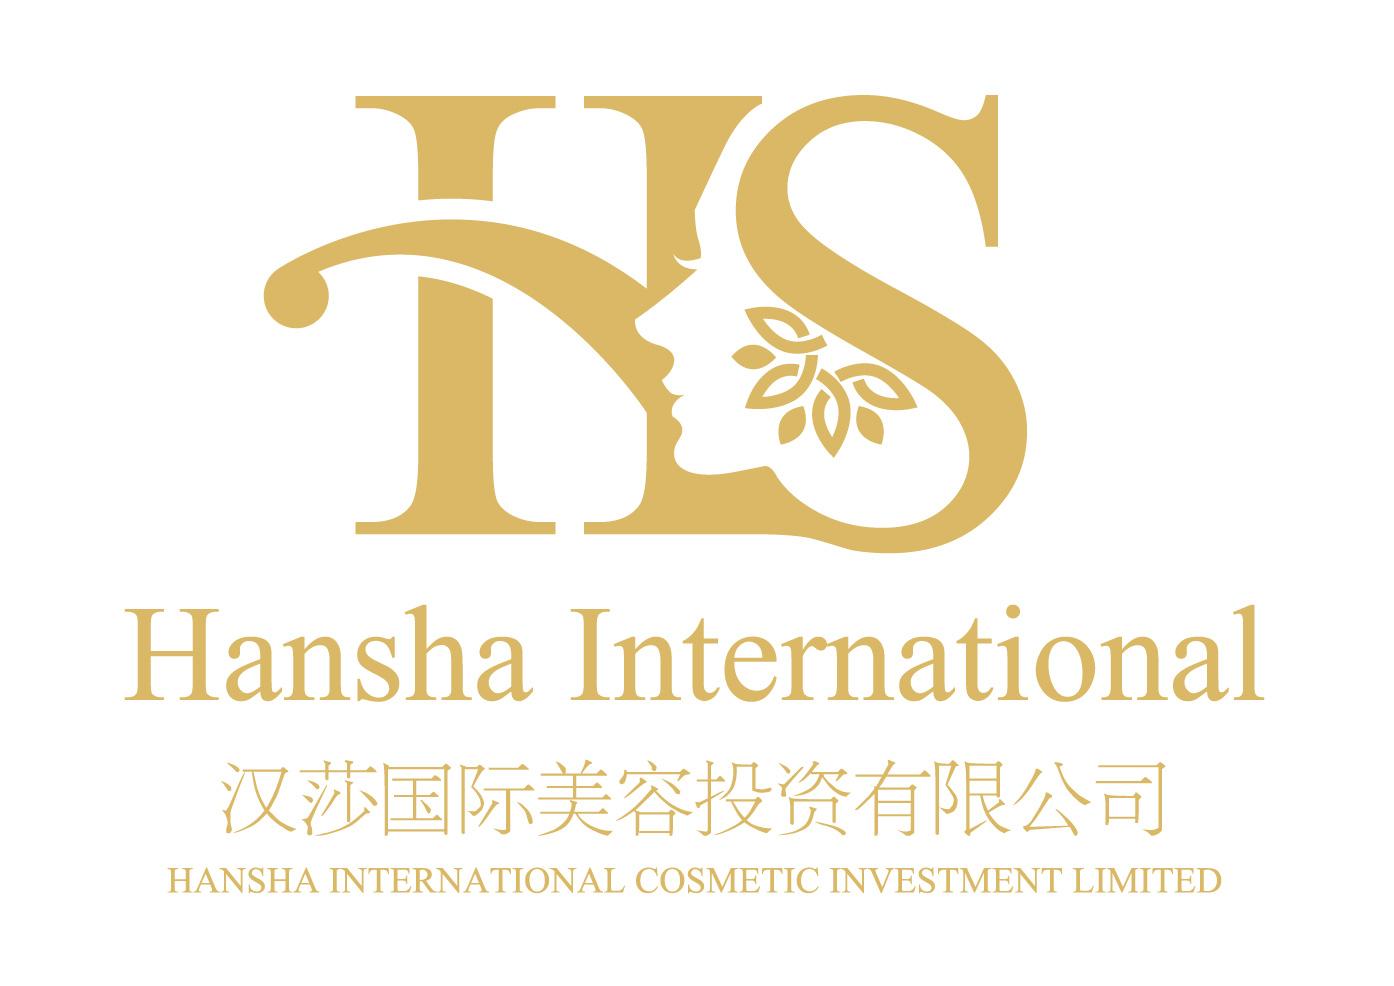 logo logo 标志 设计 矢量 矢量图 素材 图标 1394_986